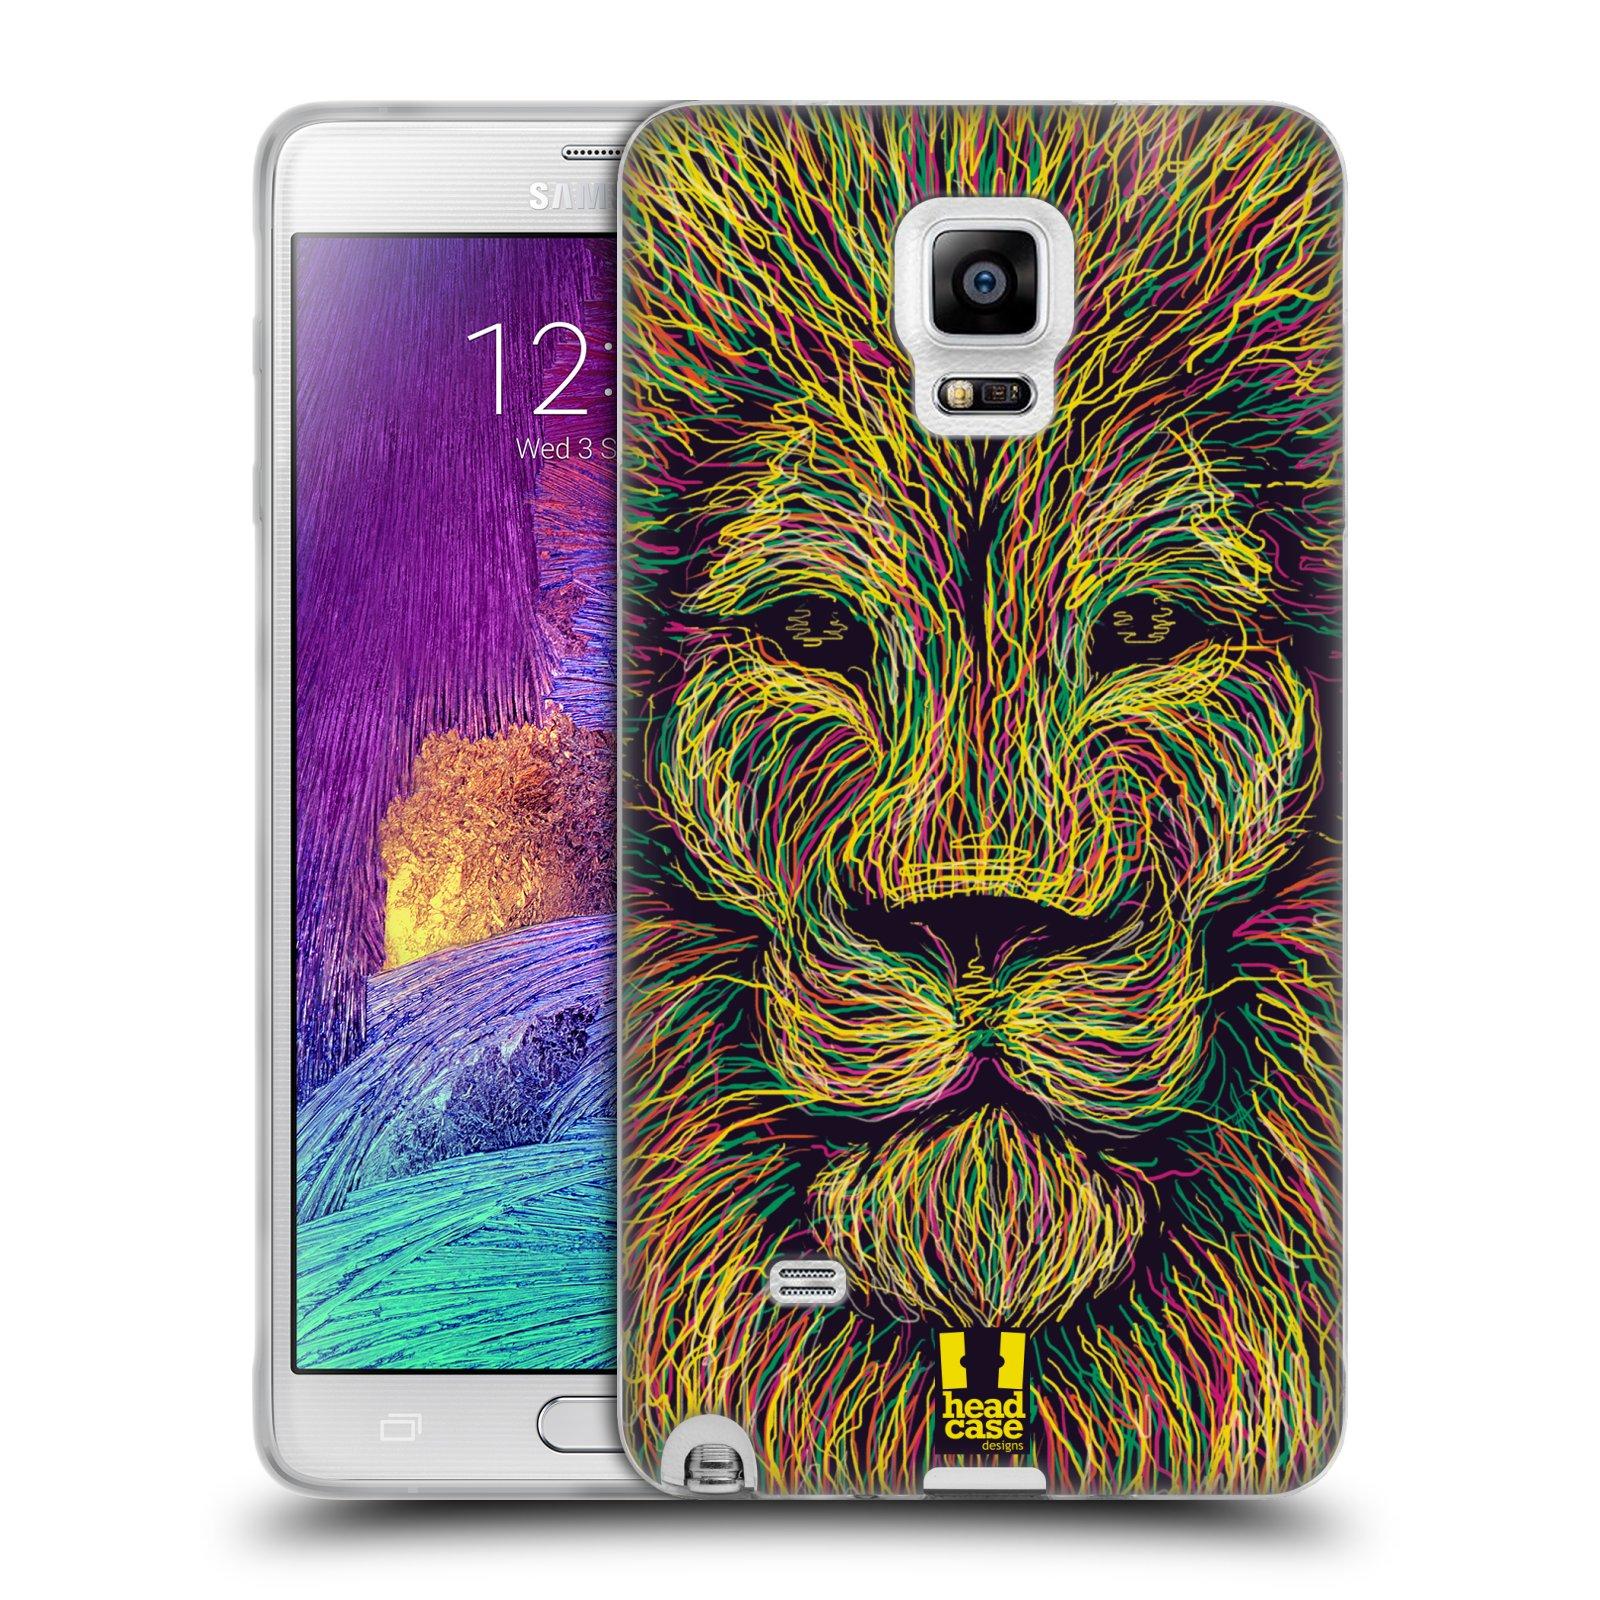 HEAD CASE silikonový obal na mobil Samsung Galaxy Note 4 (N910) vzor zvíře čmáranice lev